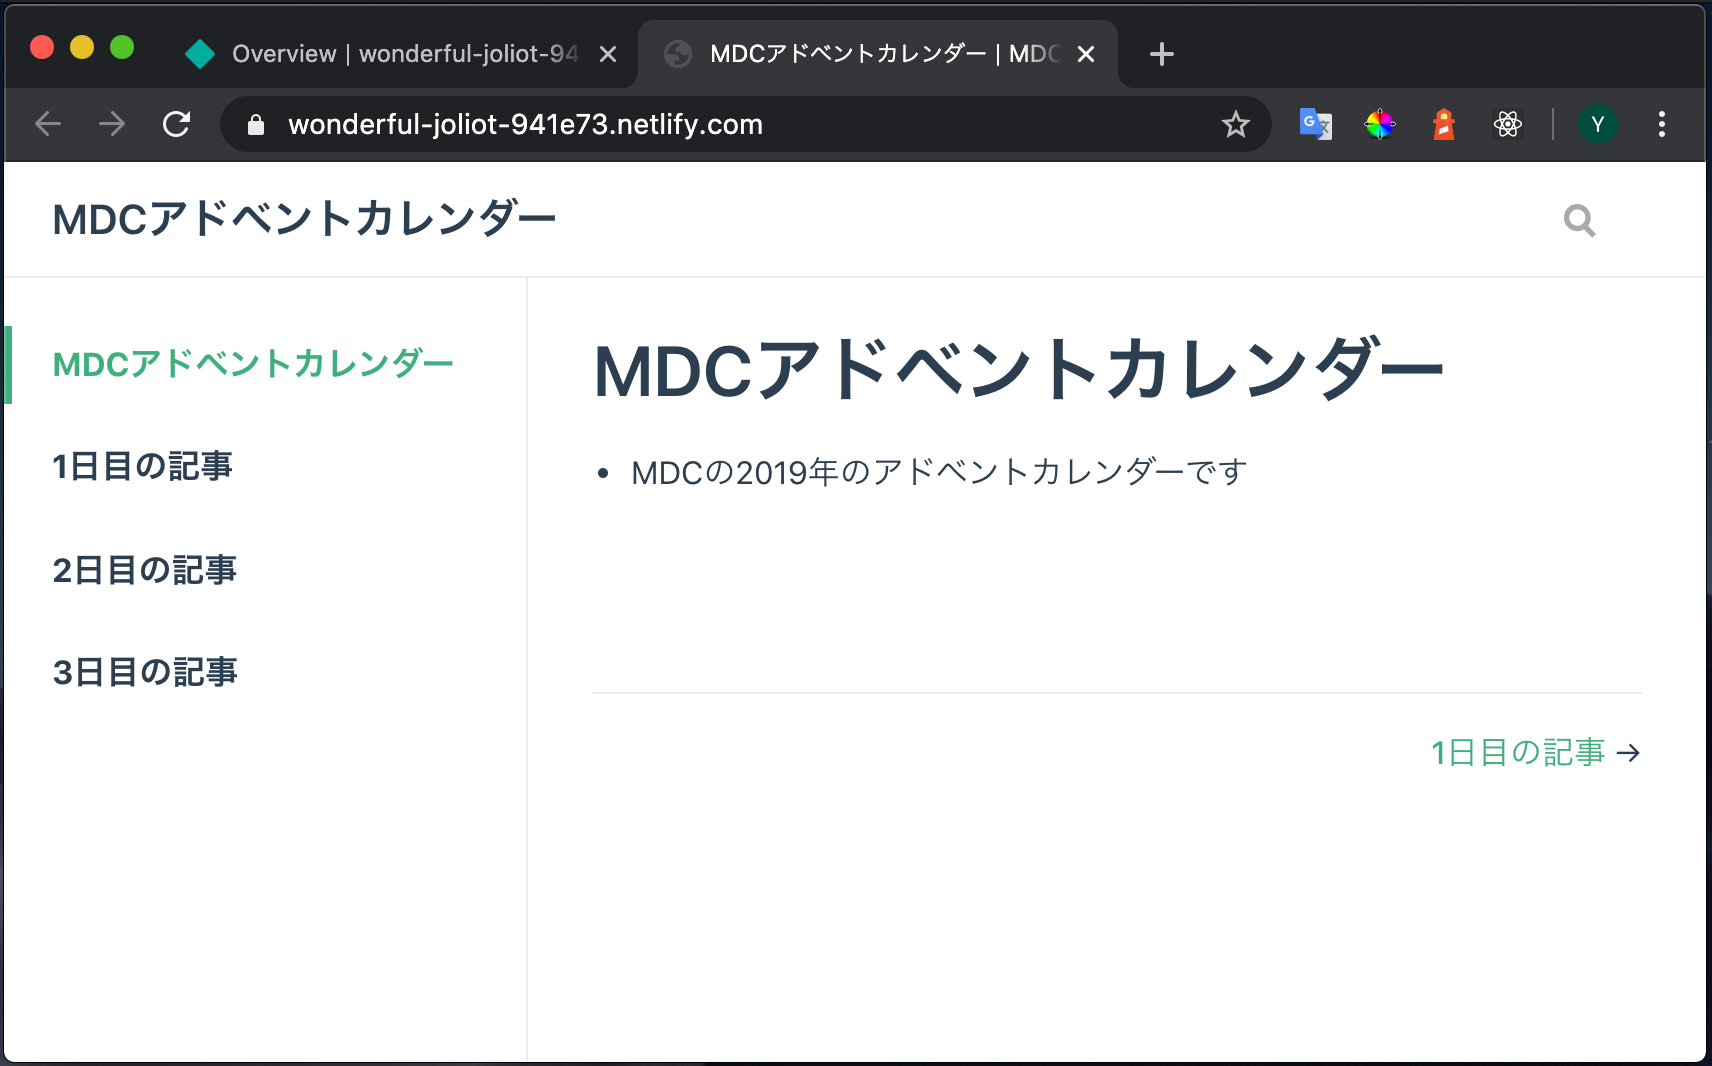 スクリーンショット 2019-12-05 0.02.01.png